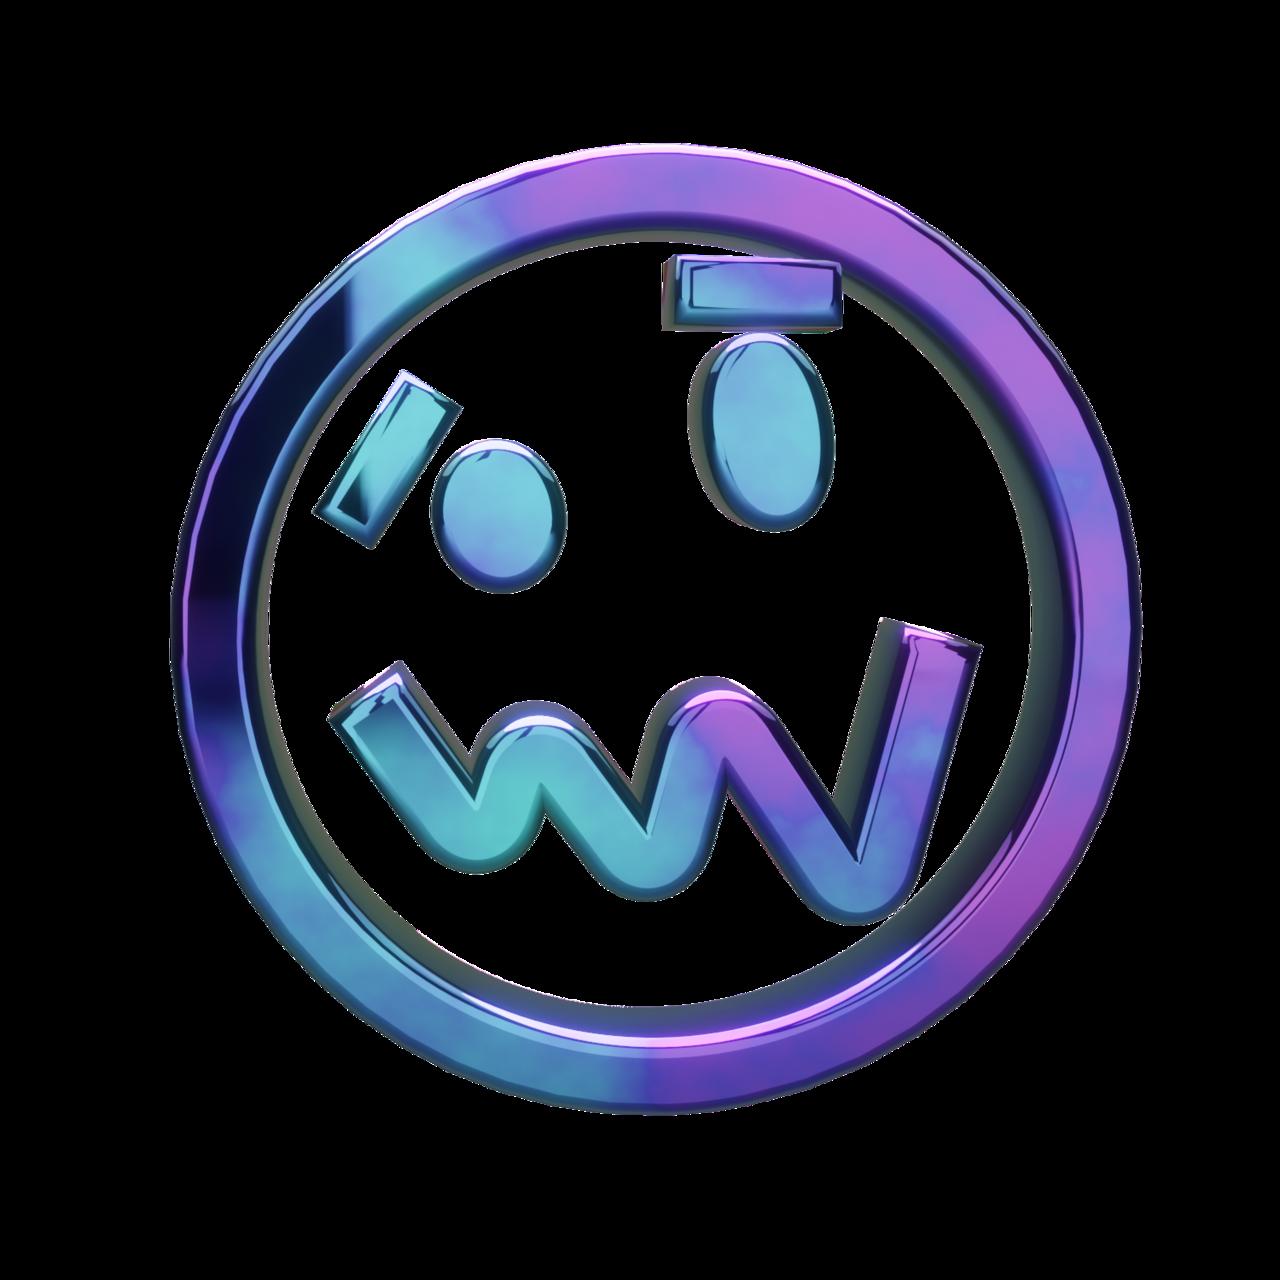 Wavvvy Club